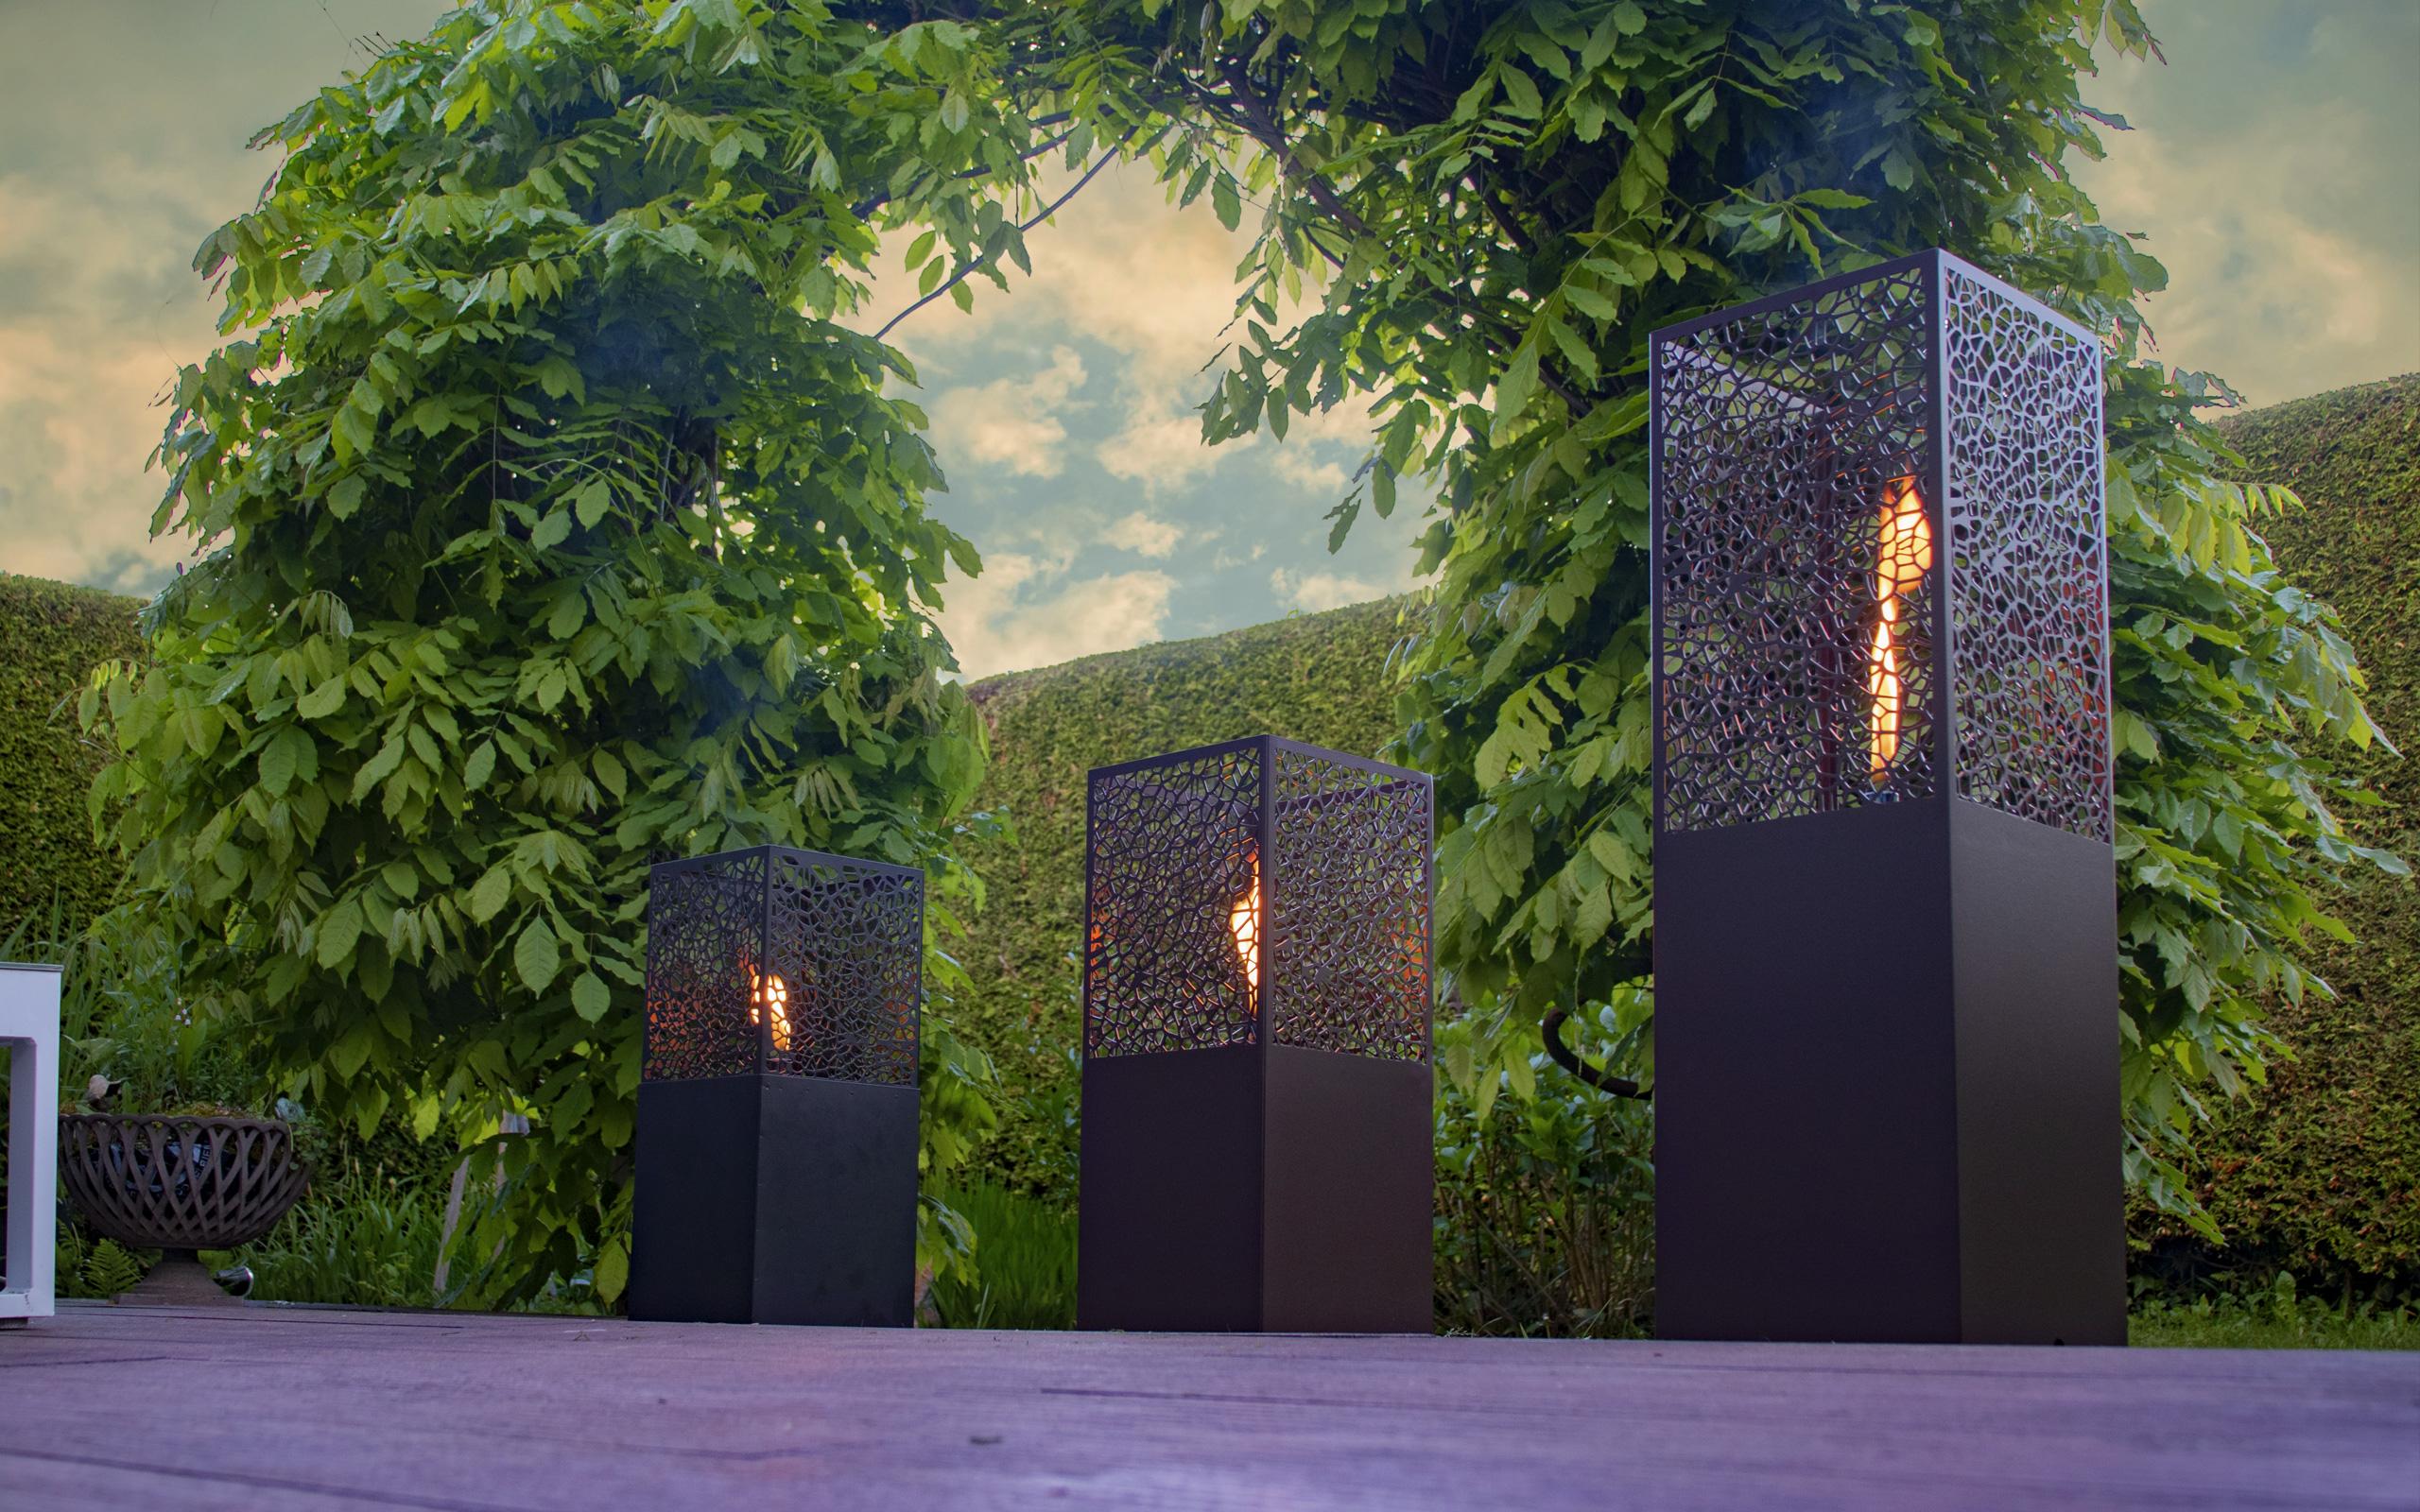 Dekorative Oellampen für die Gartenterrasse